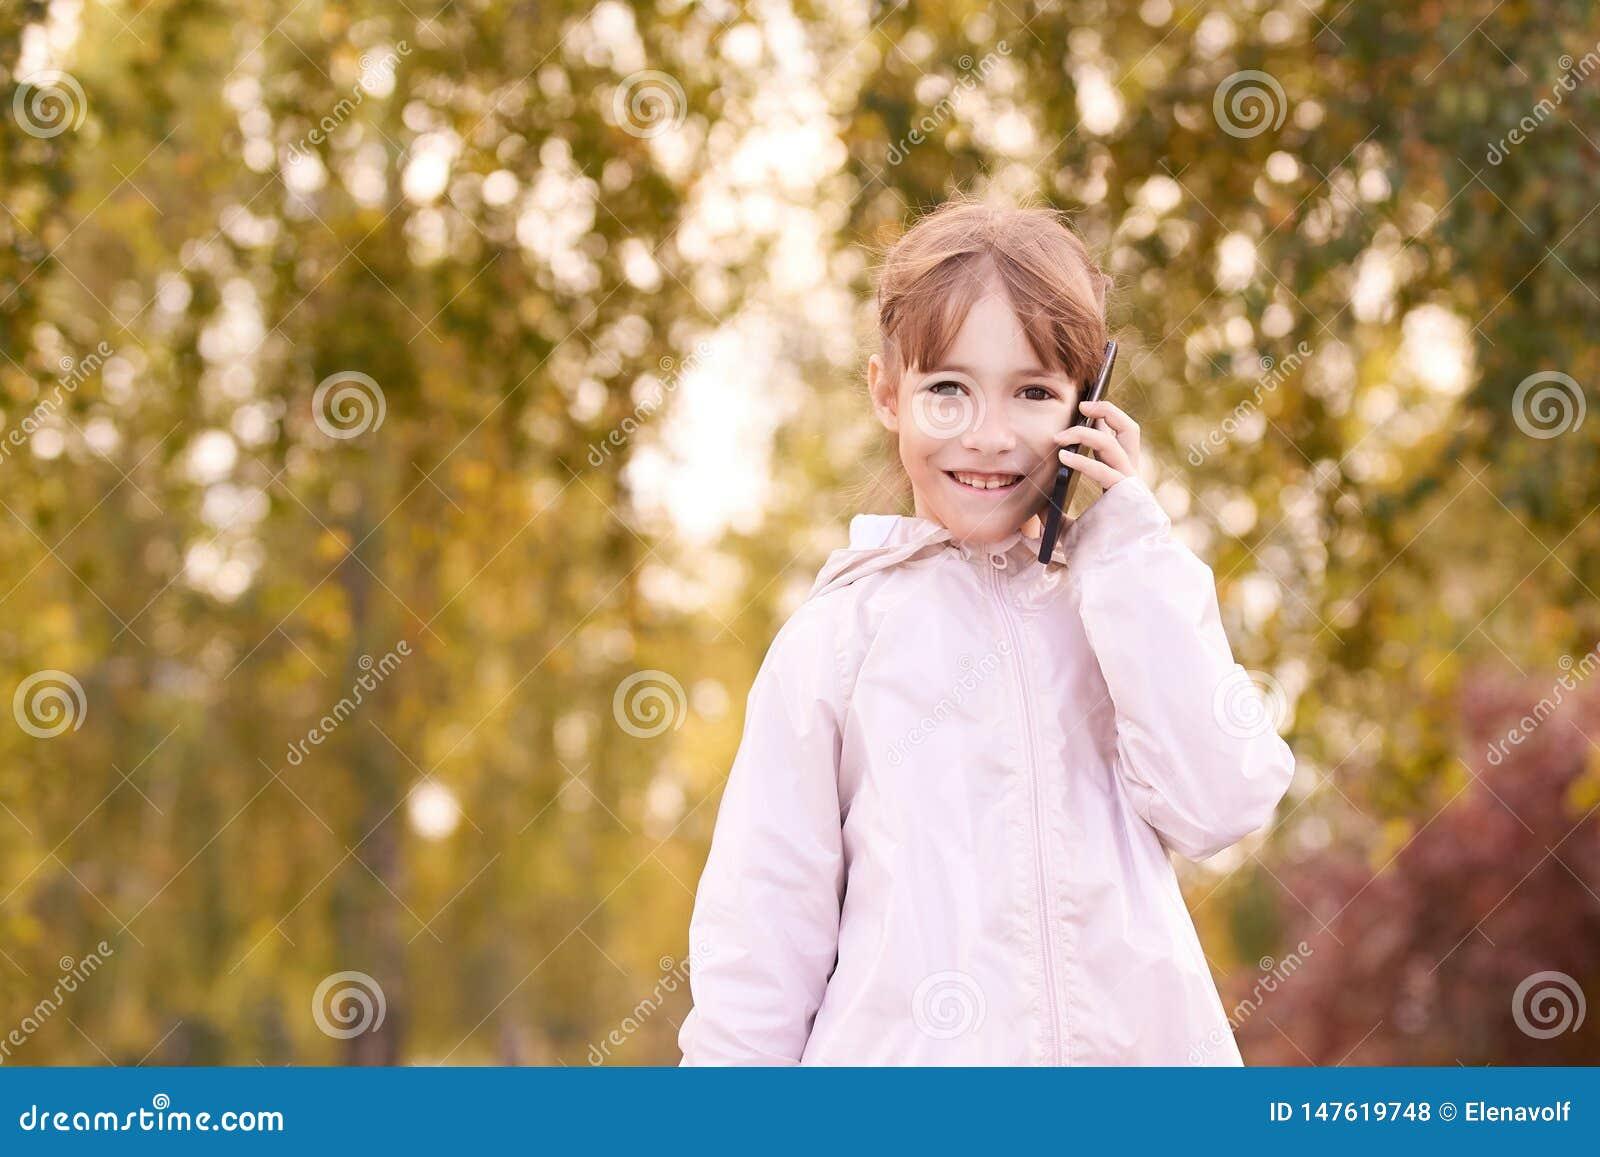 Joven feliz habla de celular roaming telefónico Personas con smartphone Fondo del otoño